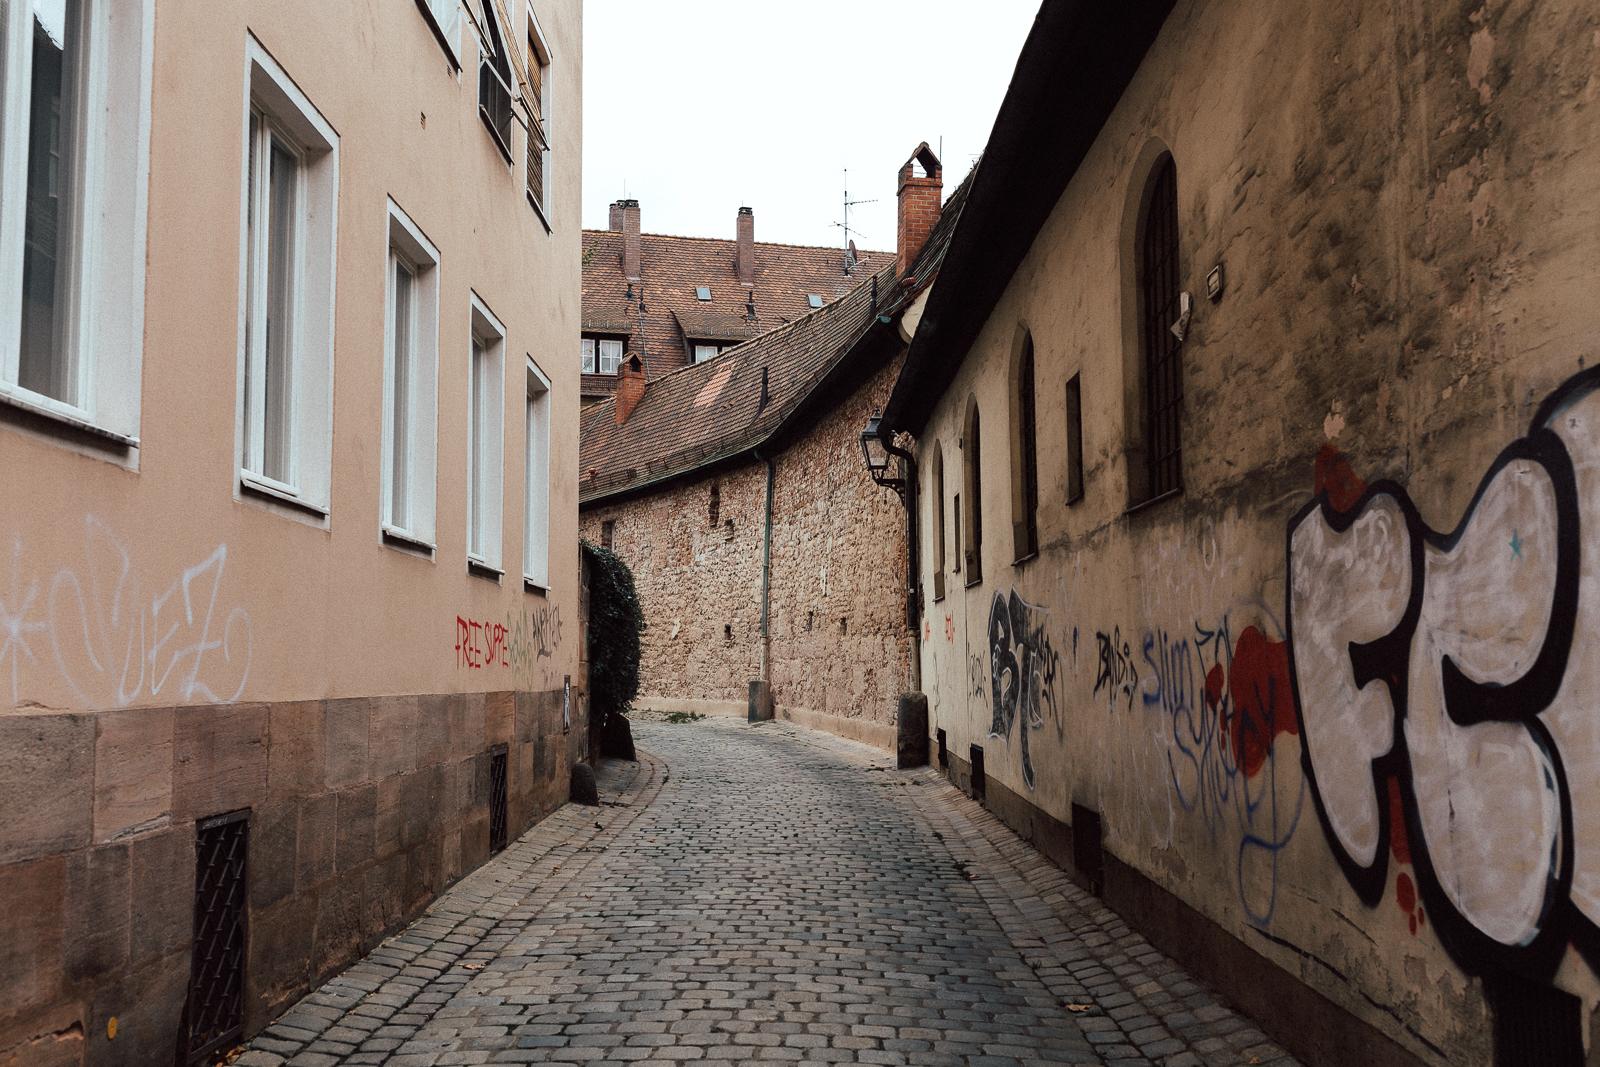 URBANERIE_Daniela_Goth_Fotografin_Nürnberg_Fürth_Erlangen_Schwabach_171110_001_0025